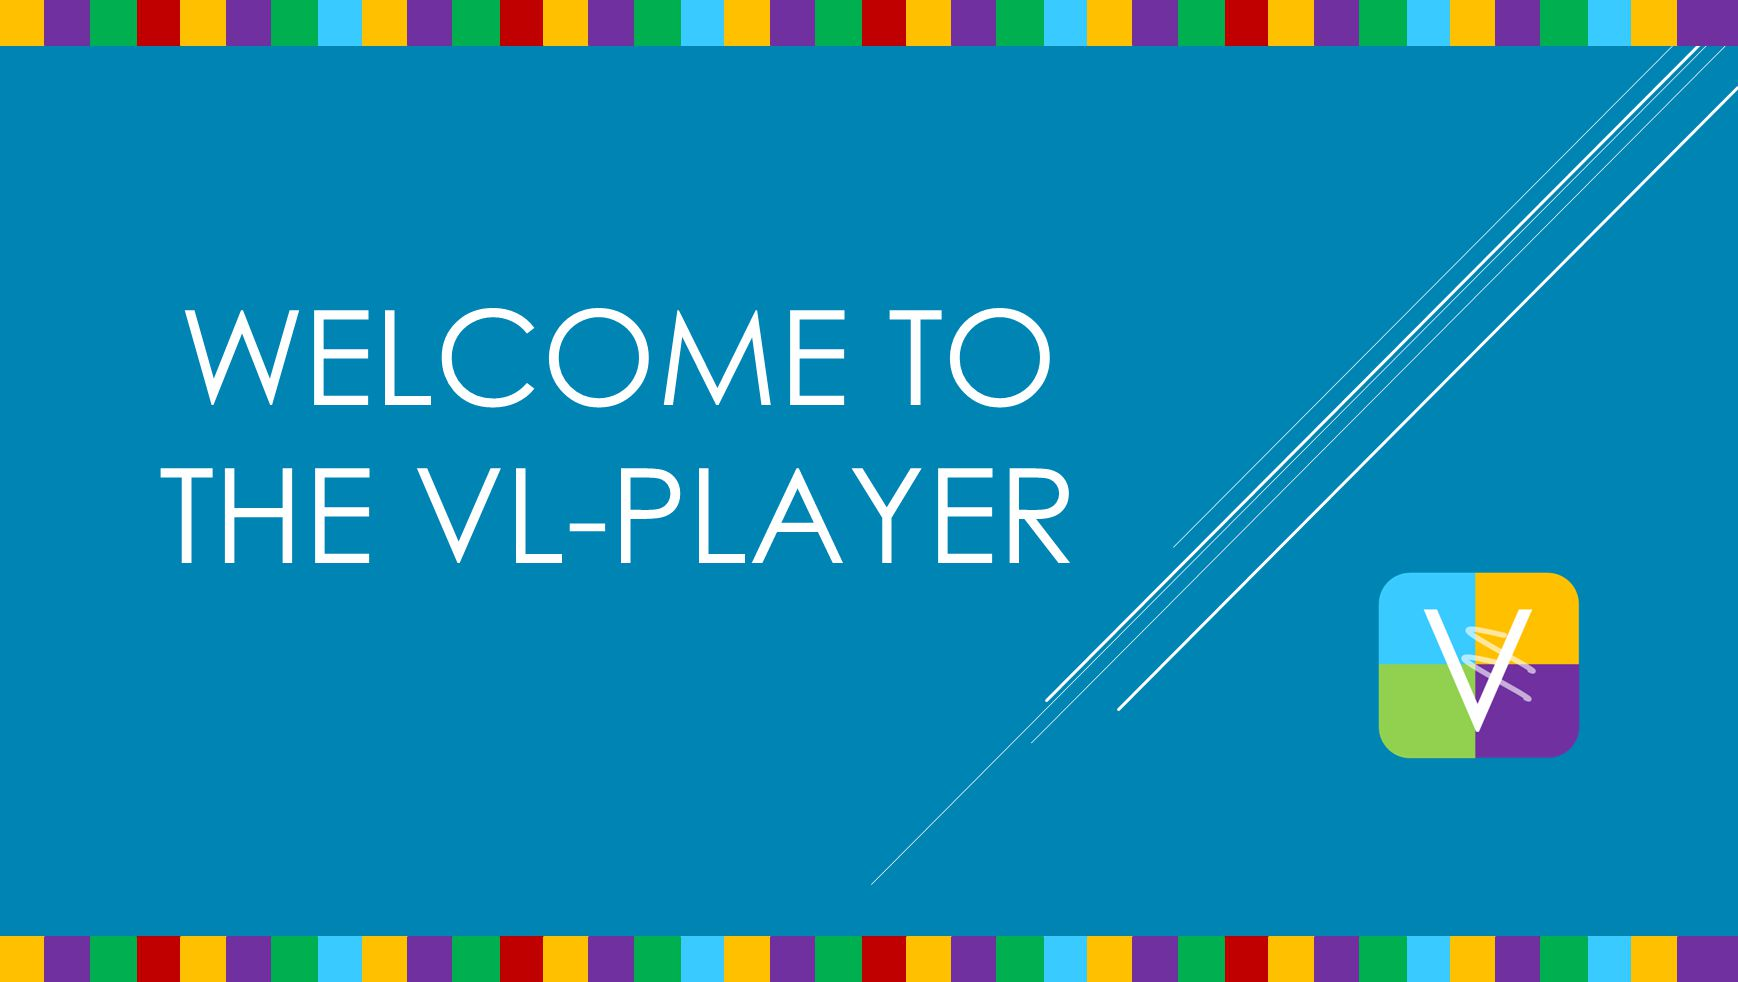 VL-PLAYER'İN AÇILIMI Vl-Player'in açılımı Virtual Life yani Sanal Yaşam'dan gelir.Sanal yaşam olmasının sebebi insanları bir sanal gerçeklikte olmalarını sağlamasıdır.